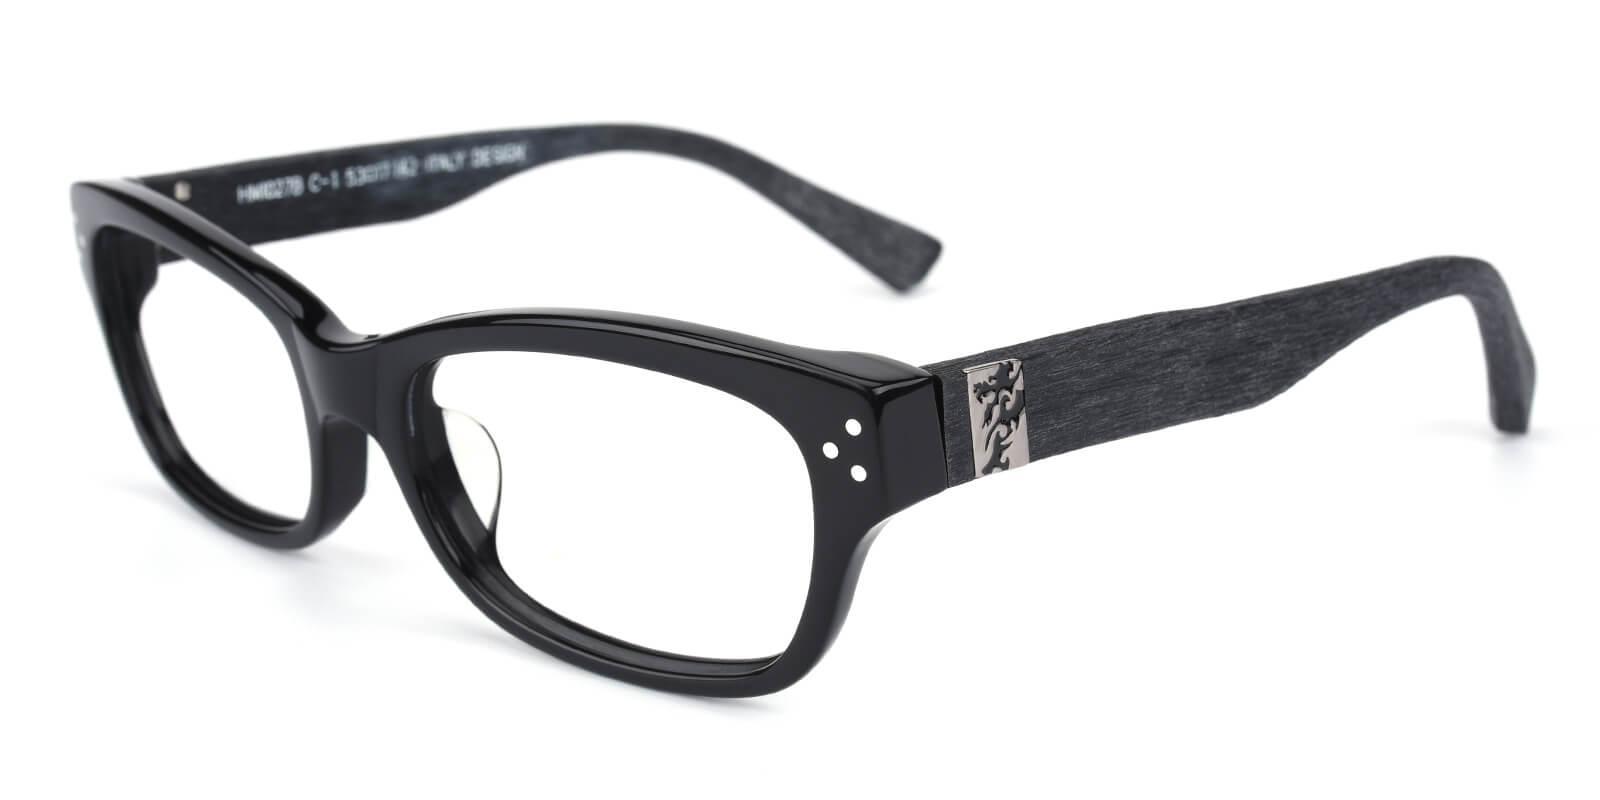 Flymingo-Black-Rectangle-Acetate-Eyeglasses-additional1